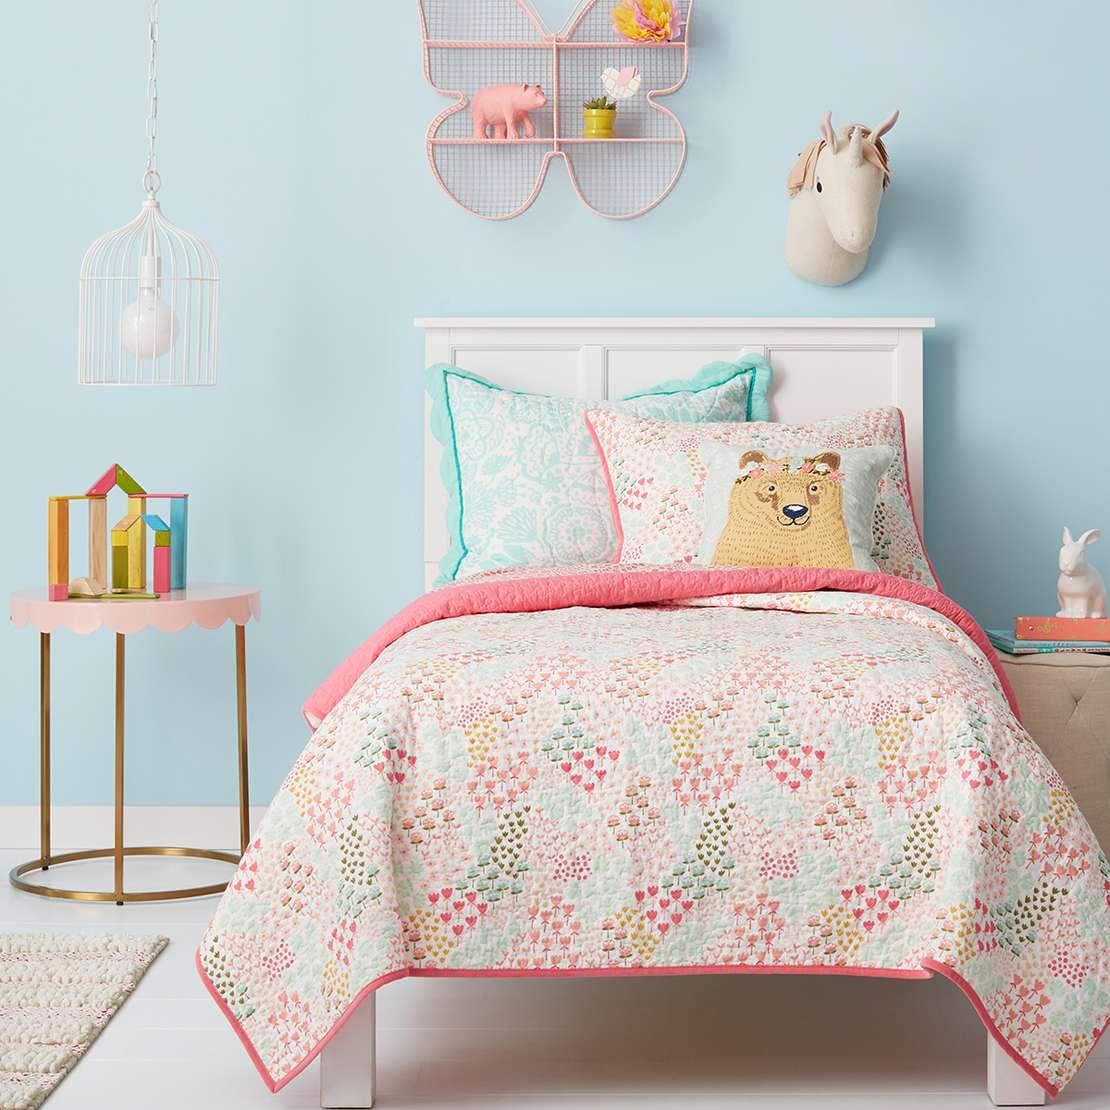 Target Kids Bedroom Furniture Target Room Decor Decorating Ideas